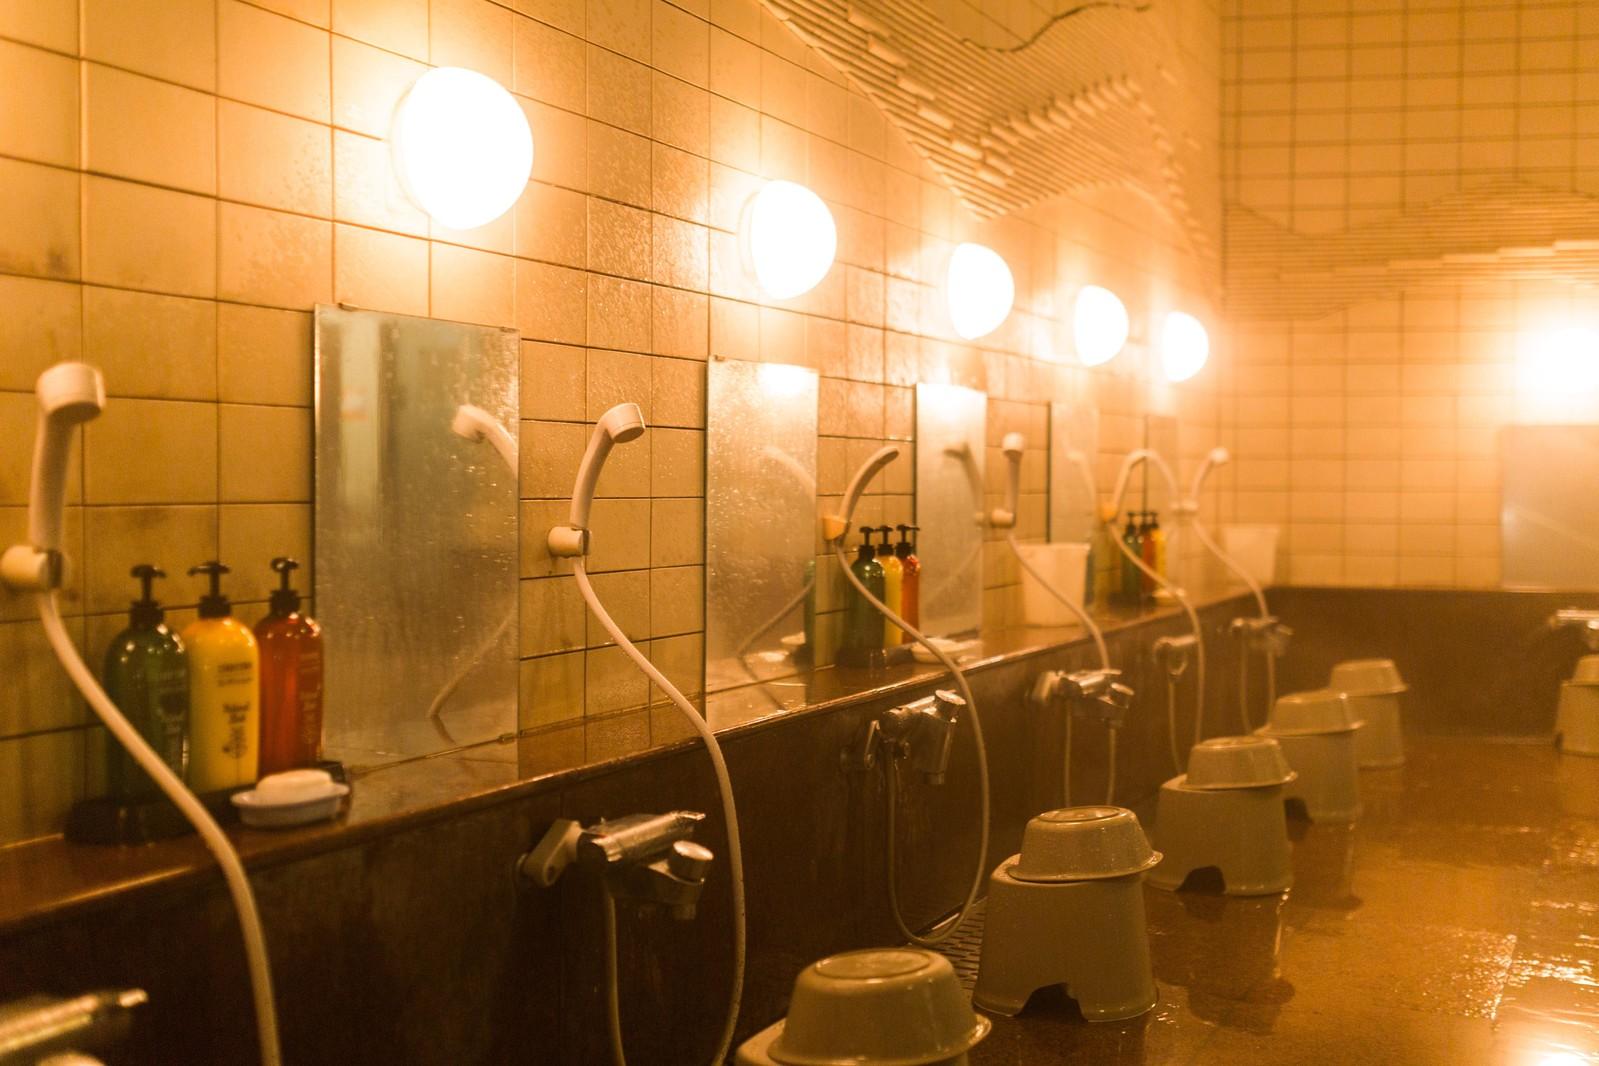 武蔵小山の銭湯まとめ!人気の清水湯などおすすめ施設をご紹介!